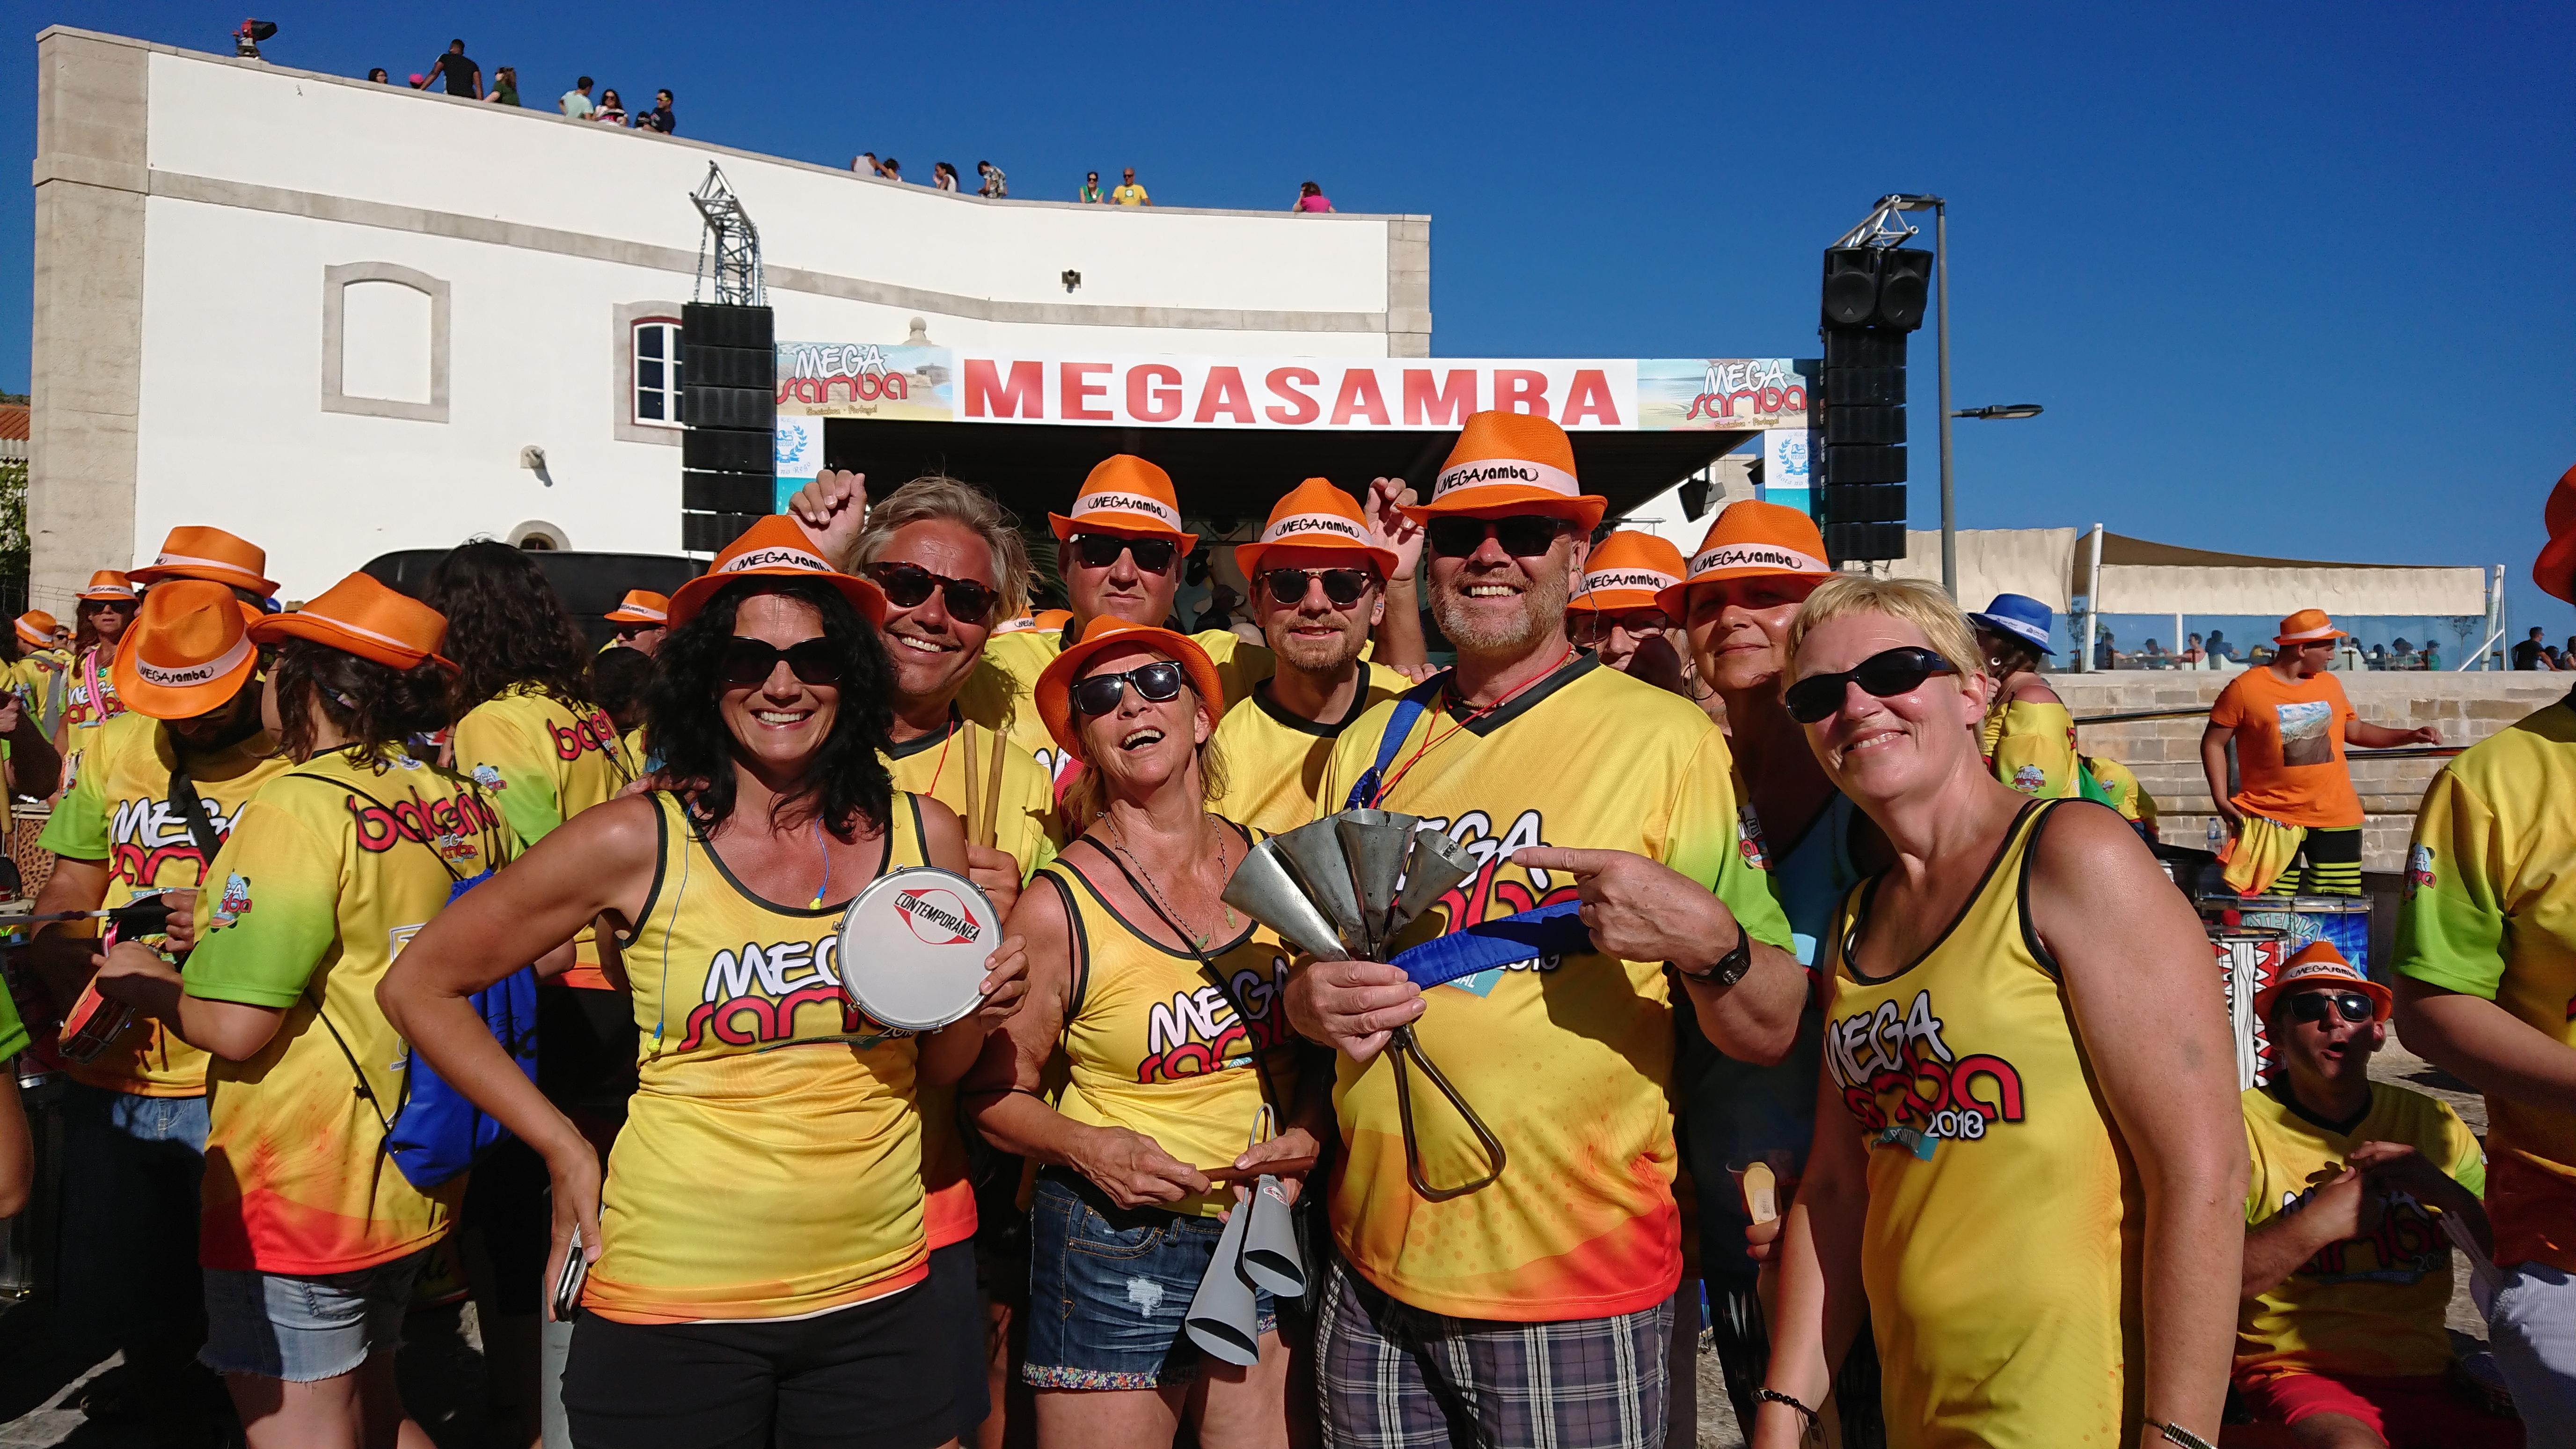 Sesimbra Megasamba Portugal